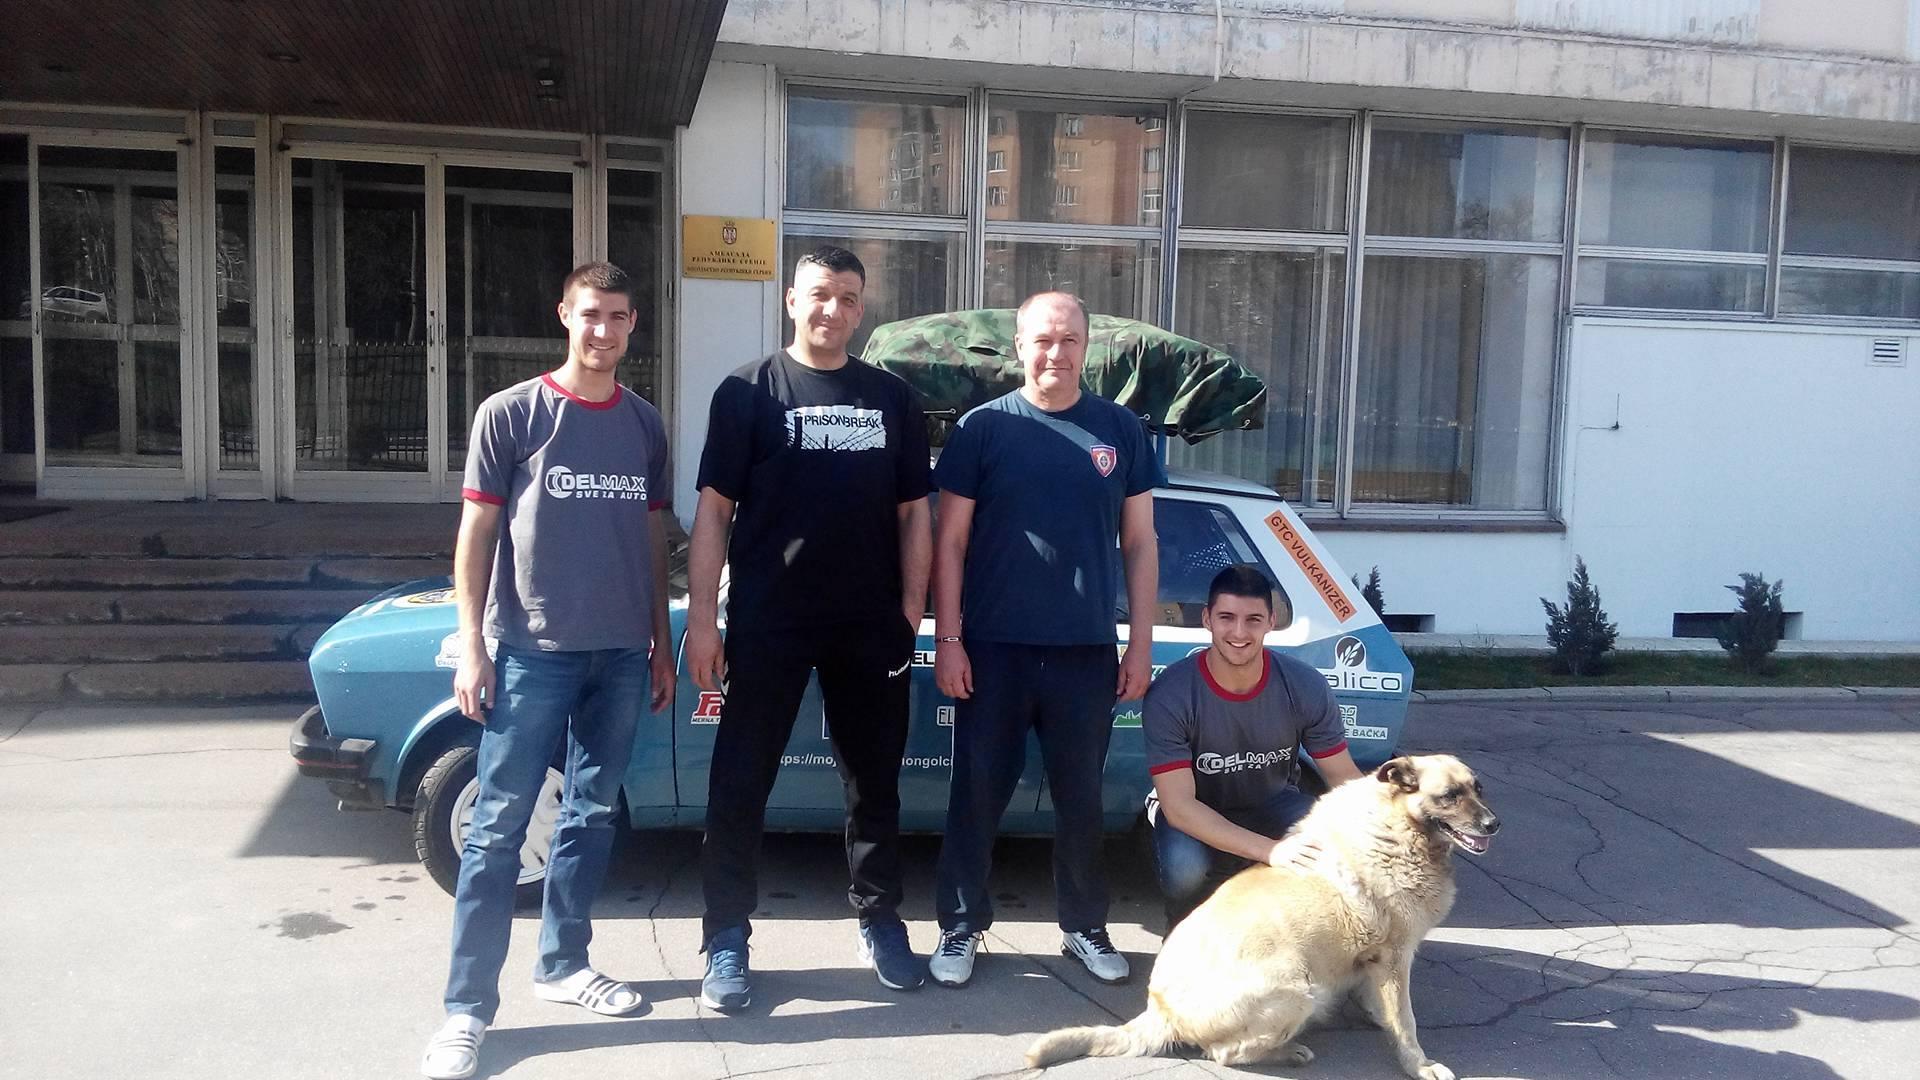 Ispred ambasade Republike Srbije u Moskvi